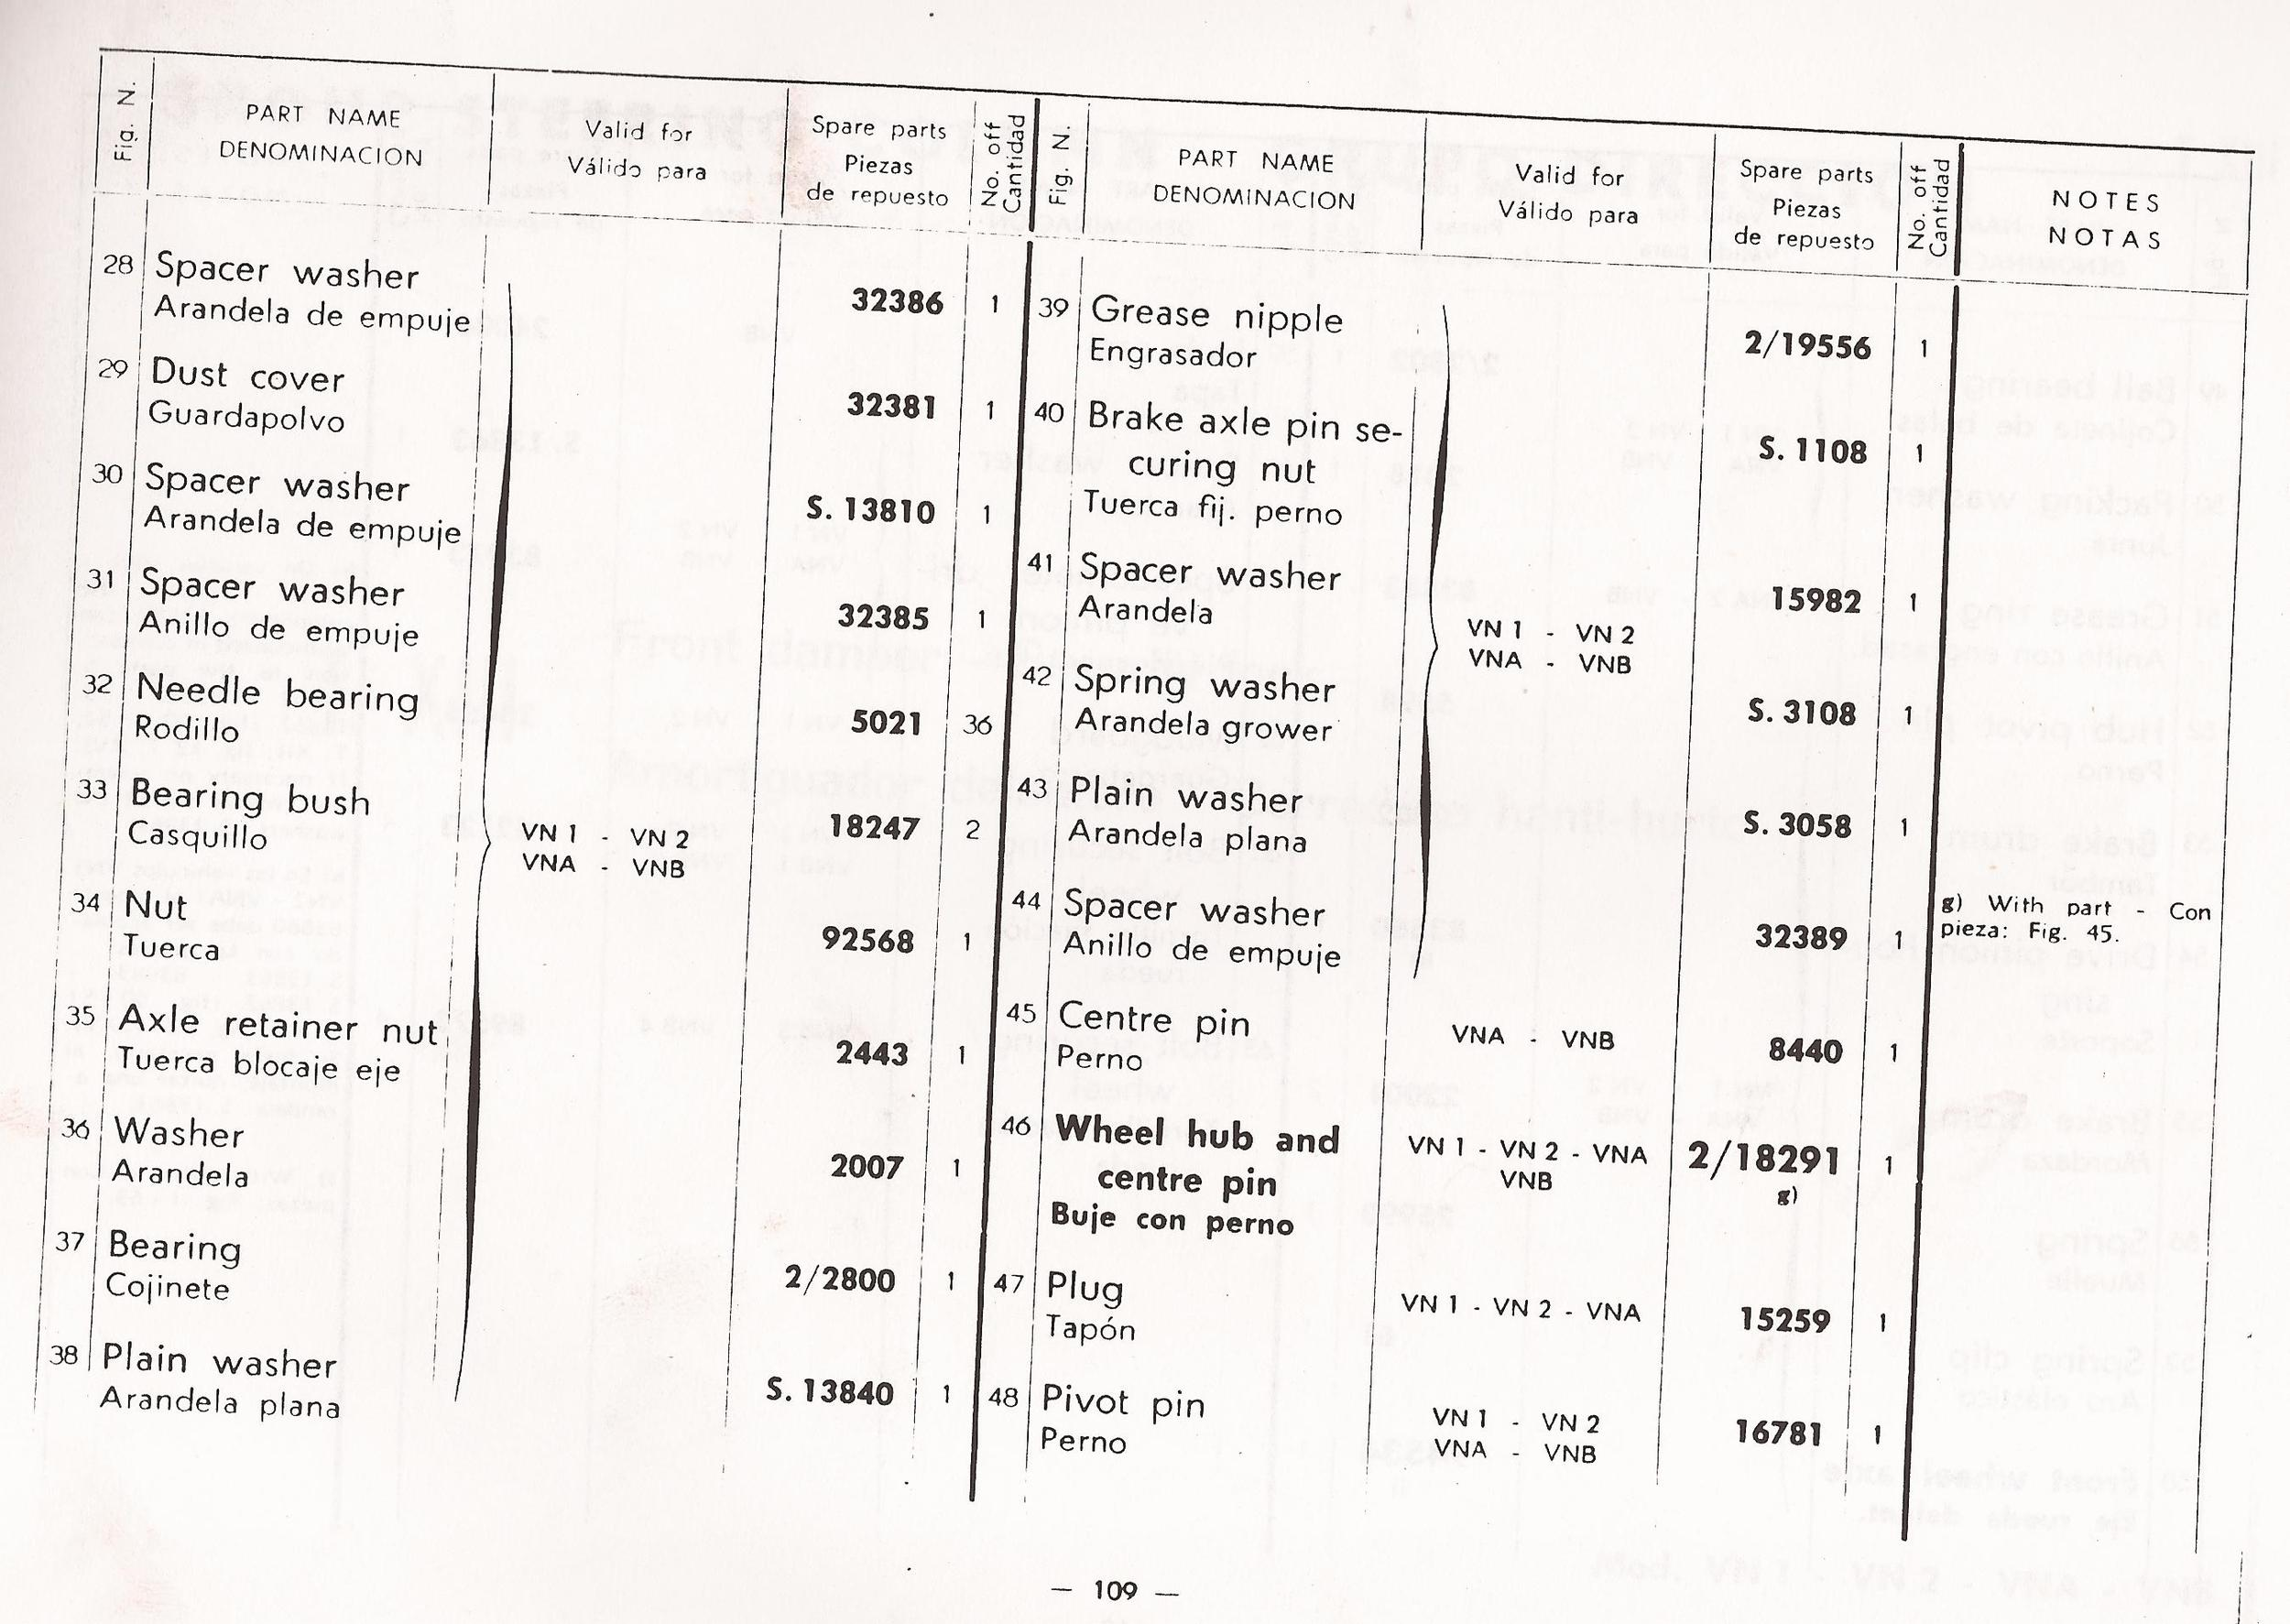 07-16-2013 vespa 125 catalog manuel 115.jpg